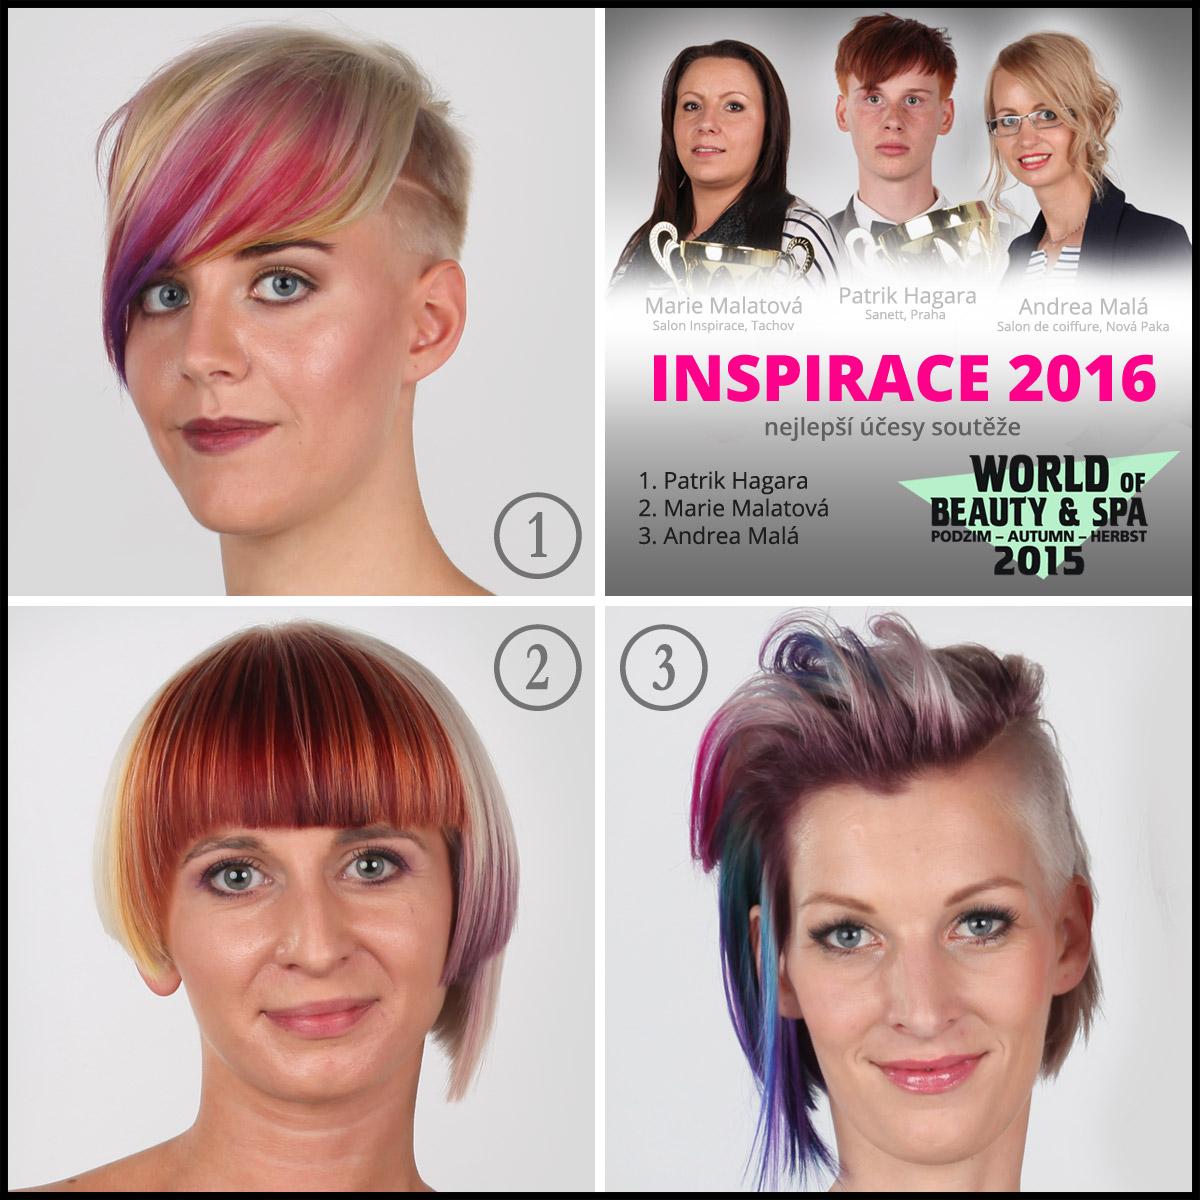 Účesy ze 6. ročníku kadeřnické soutěže World of Beauty & Spa – Inspirace 2016.